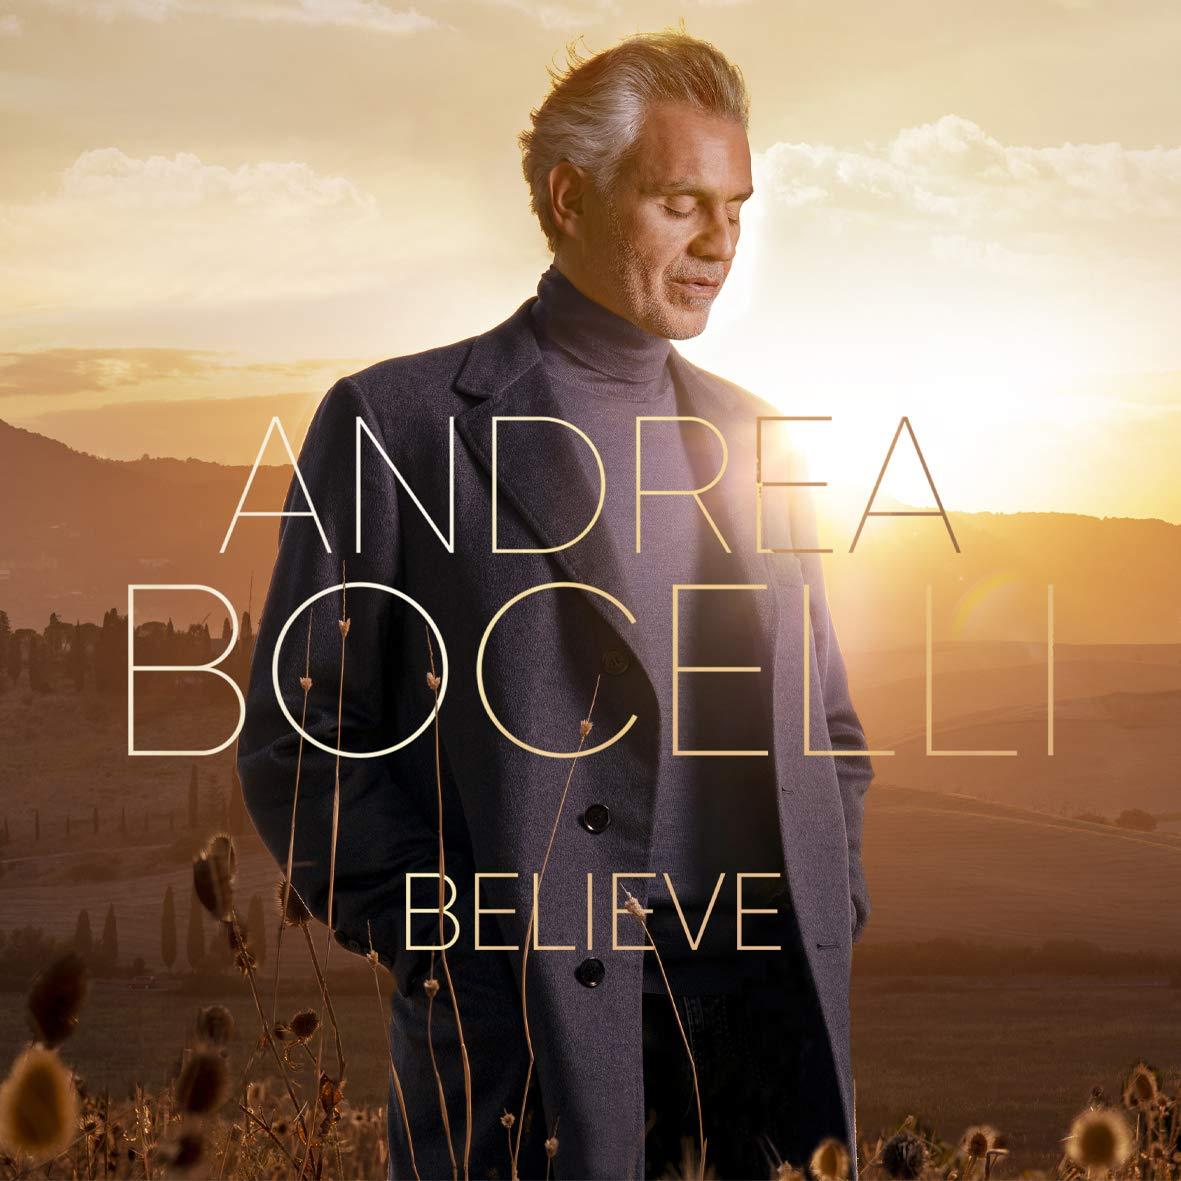 Andrea Bochelli Believe, CD-Believe